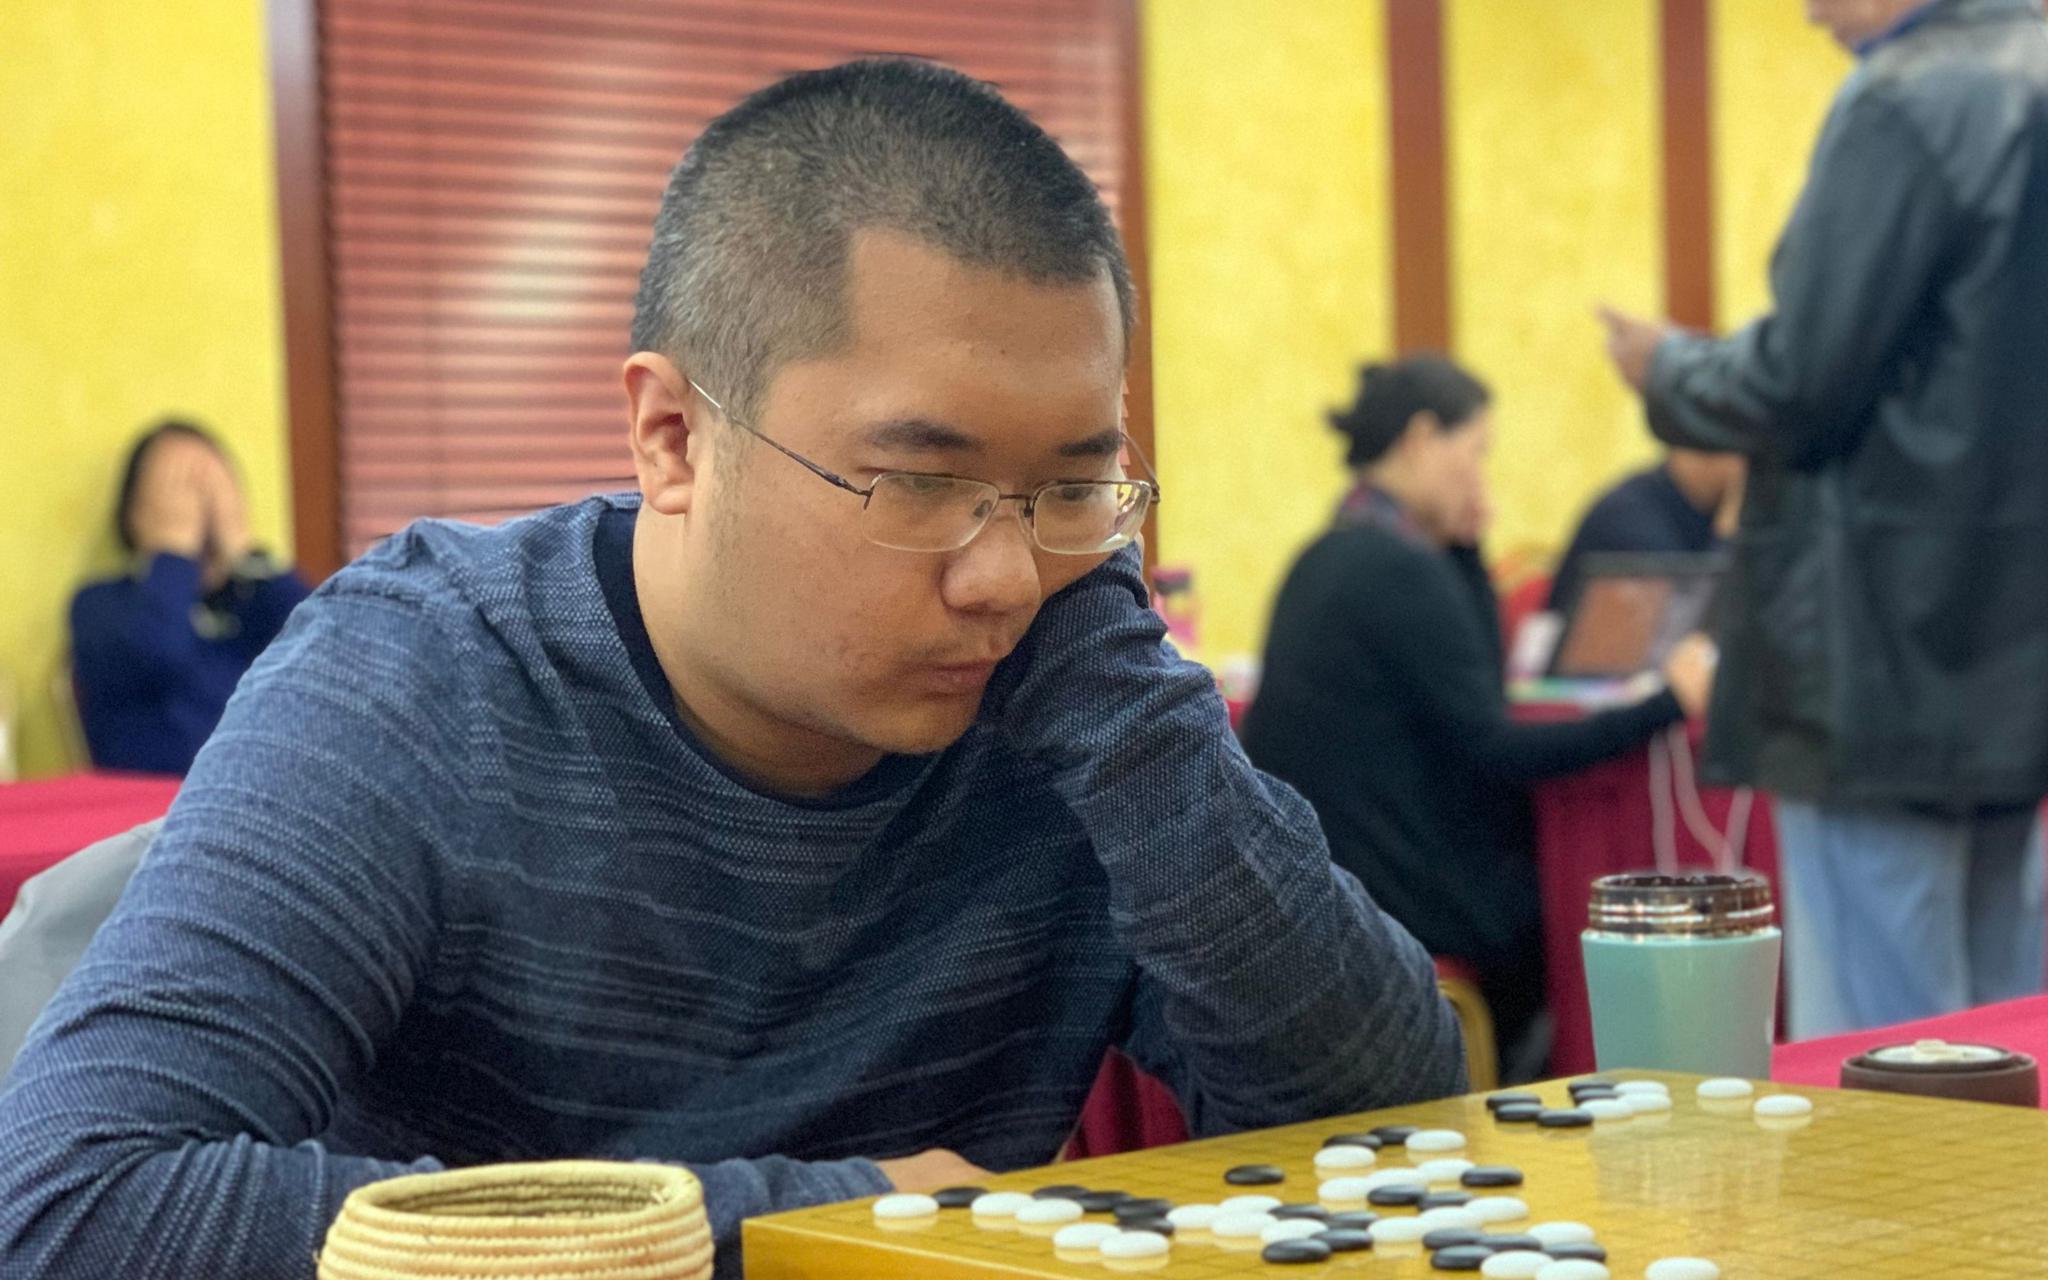 摩天娱乐,西南棋王赛冷摩天娱乐风劲吹6位图片